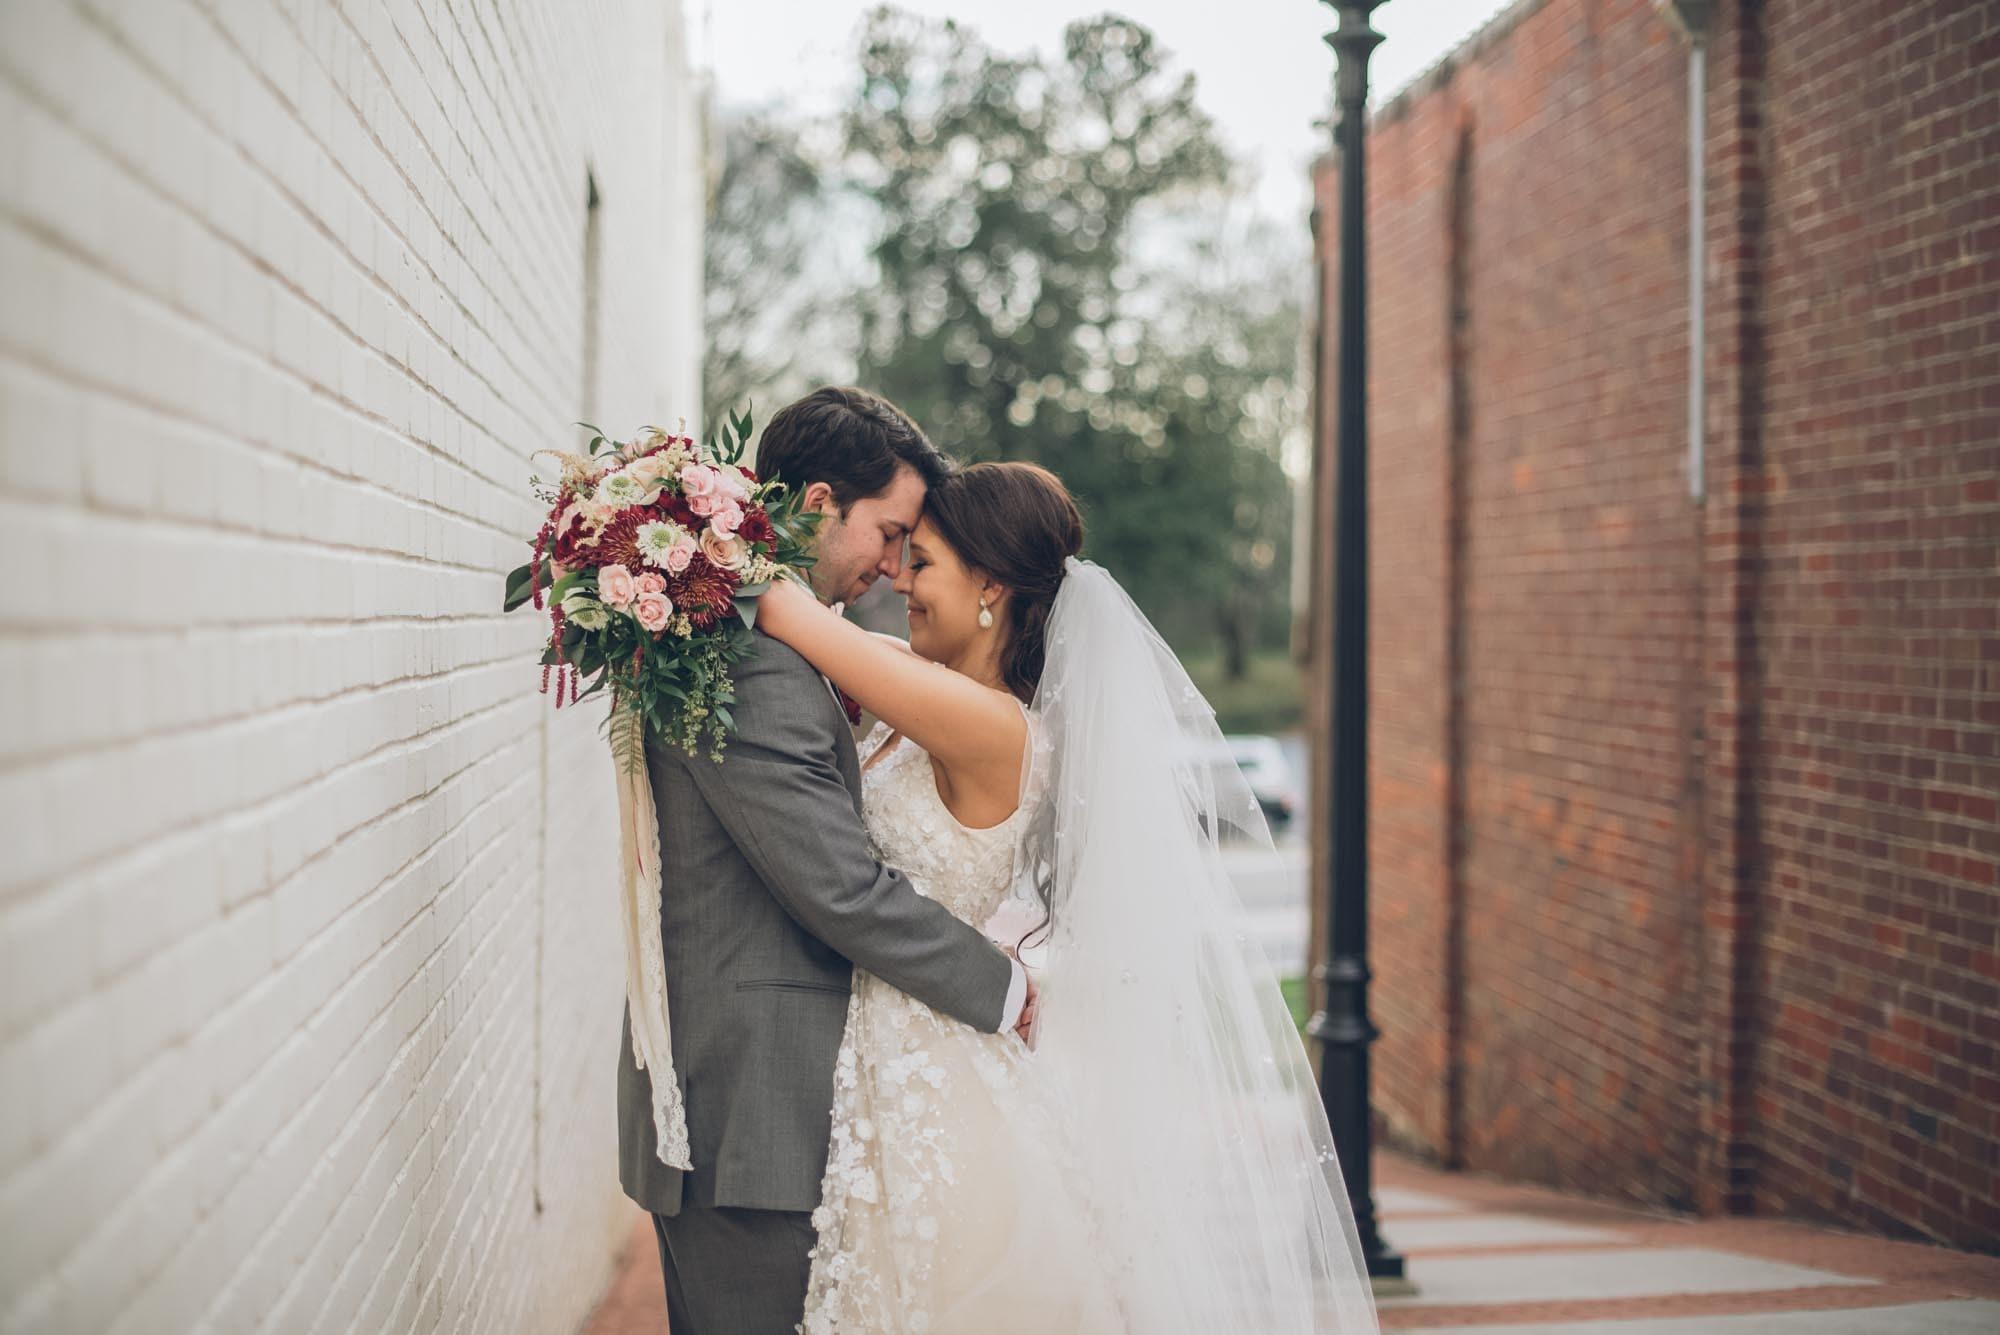 newlyweds posing in an alleyway, photographed by Eivan's in Atlanta